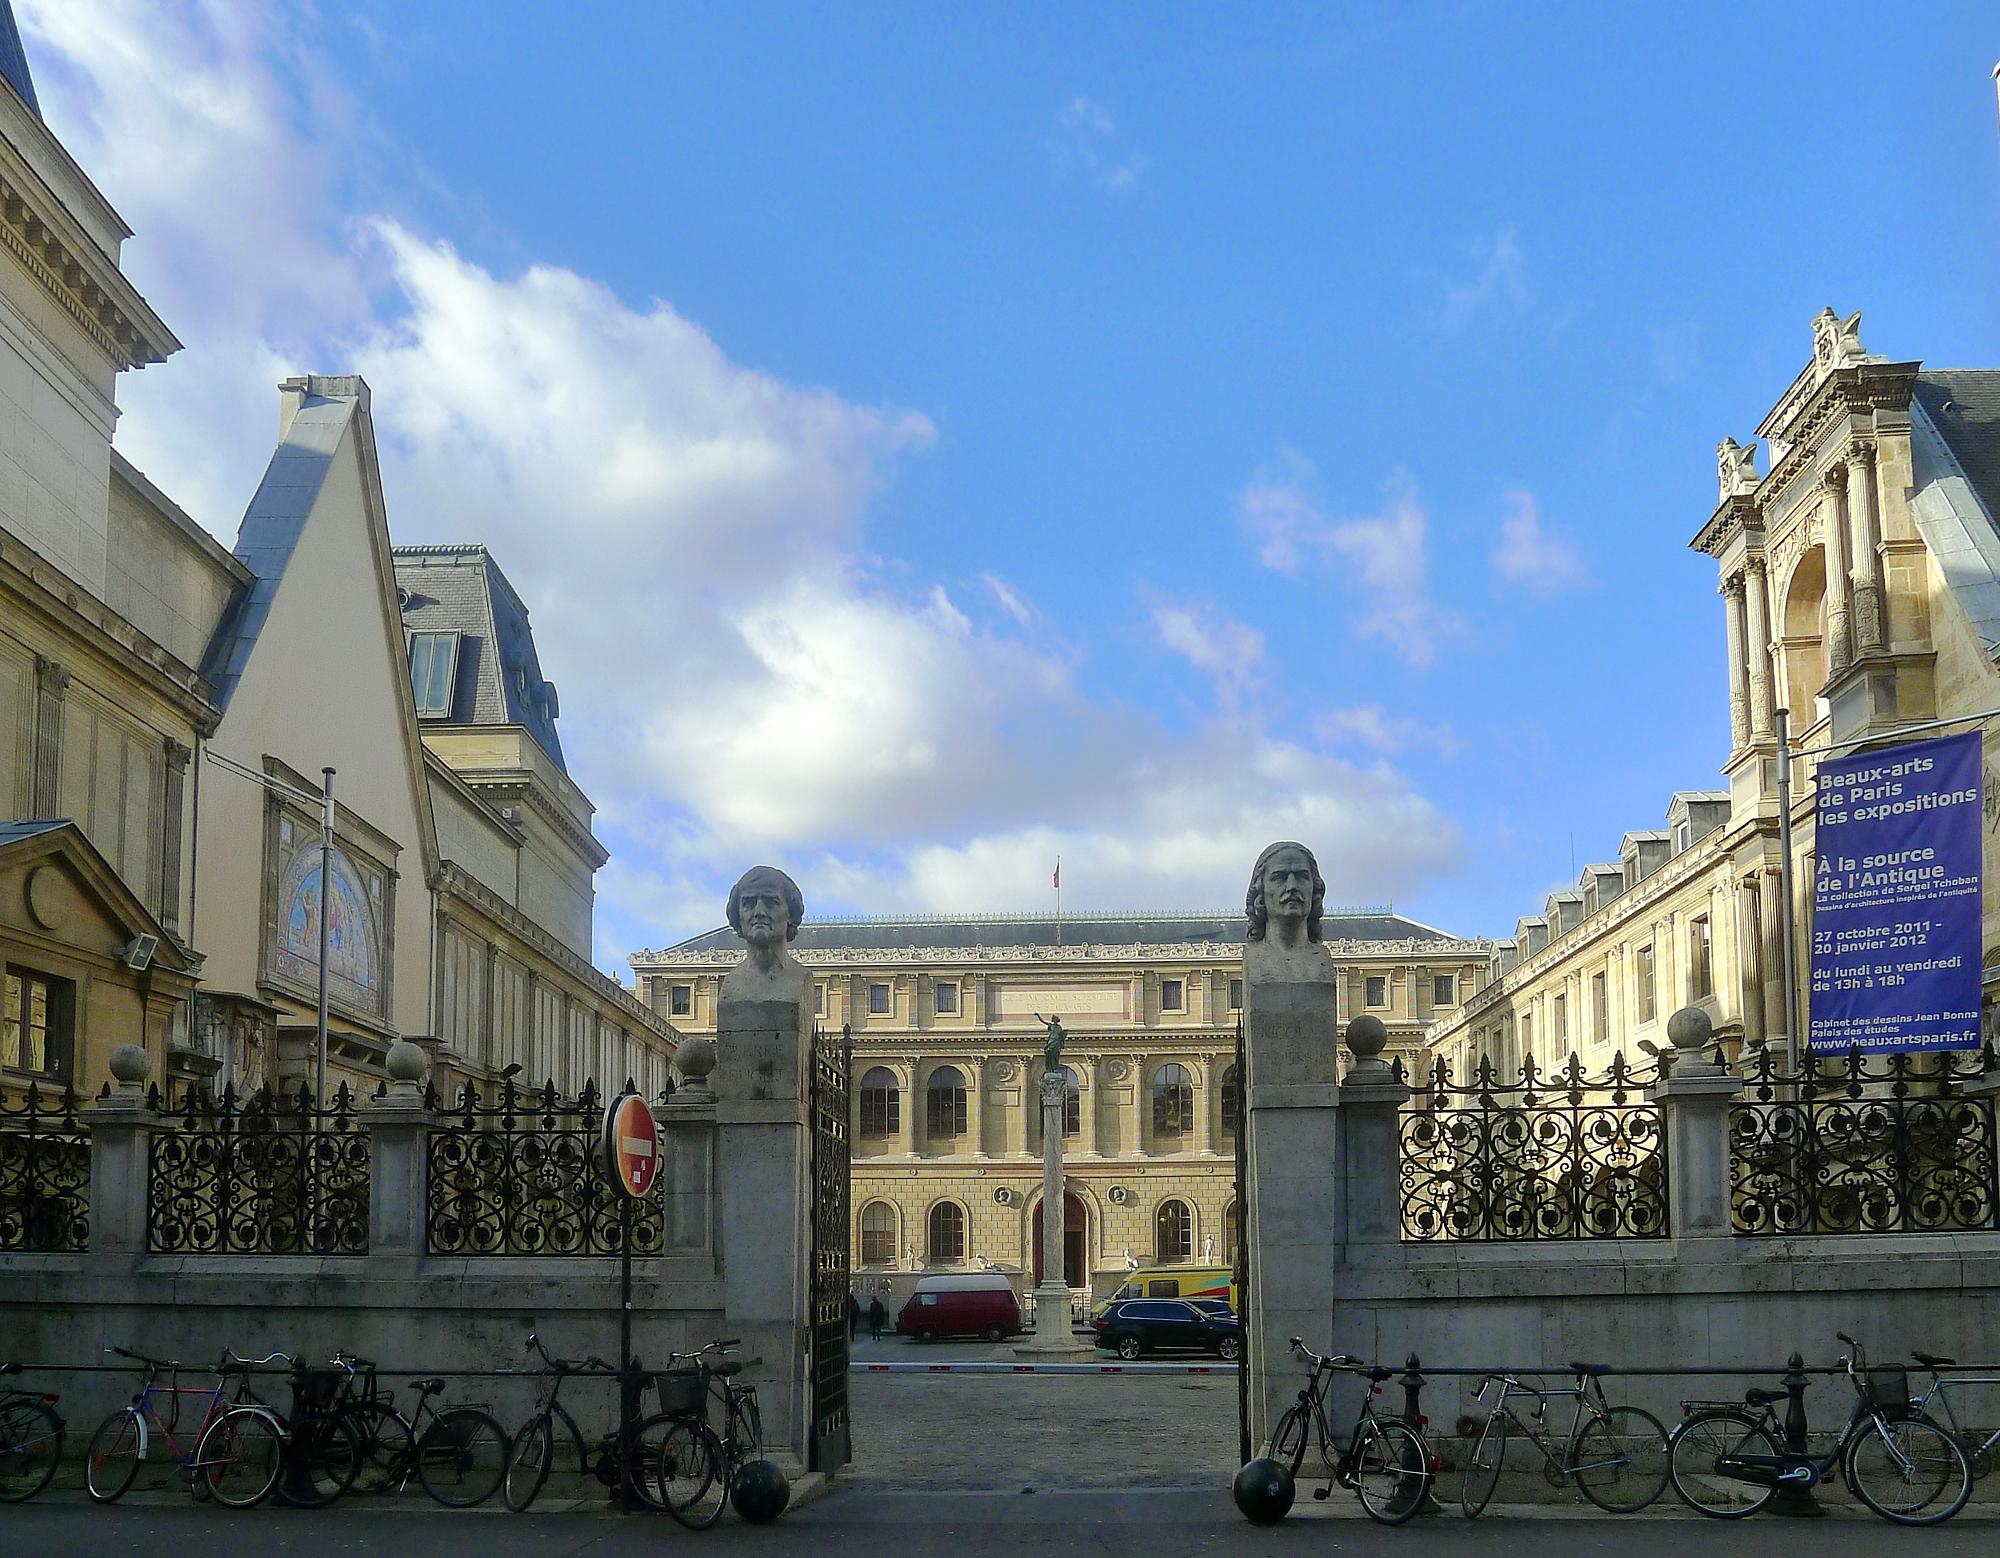 File p1070494 paris vi cole nationale sup rieure des beaux arts rwk jpg wikimedia commons - Ecole des beaux arts paris ...